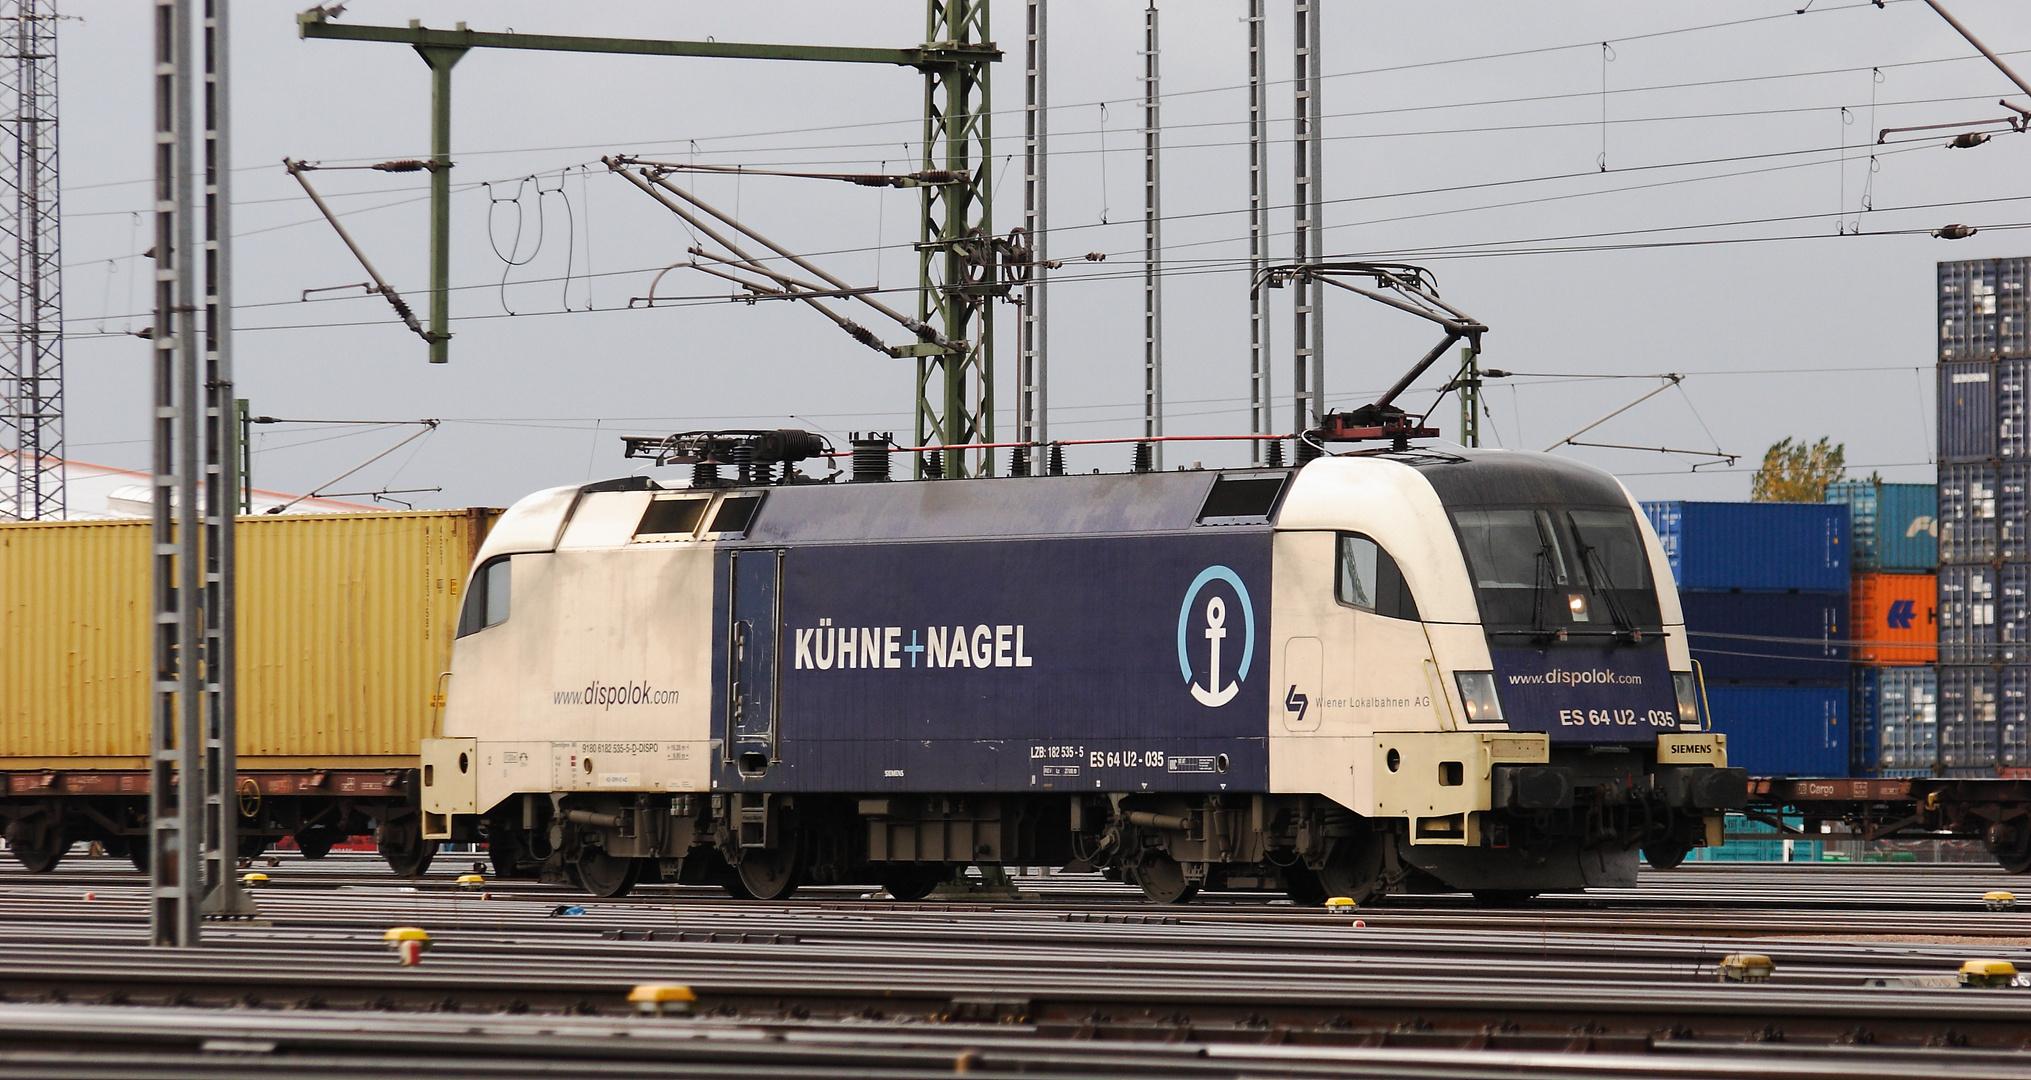 Kühne & Nagel-Taurus